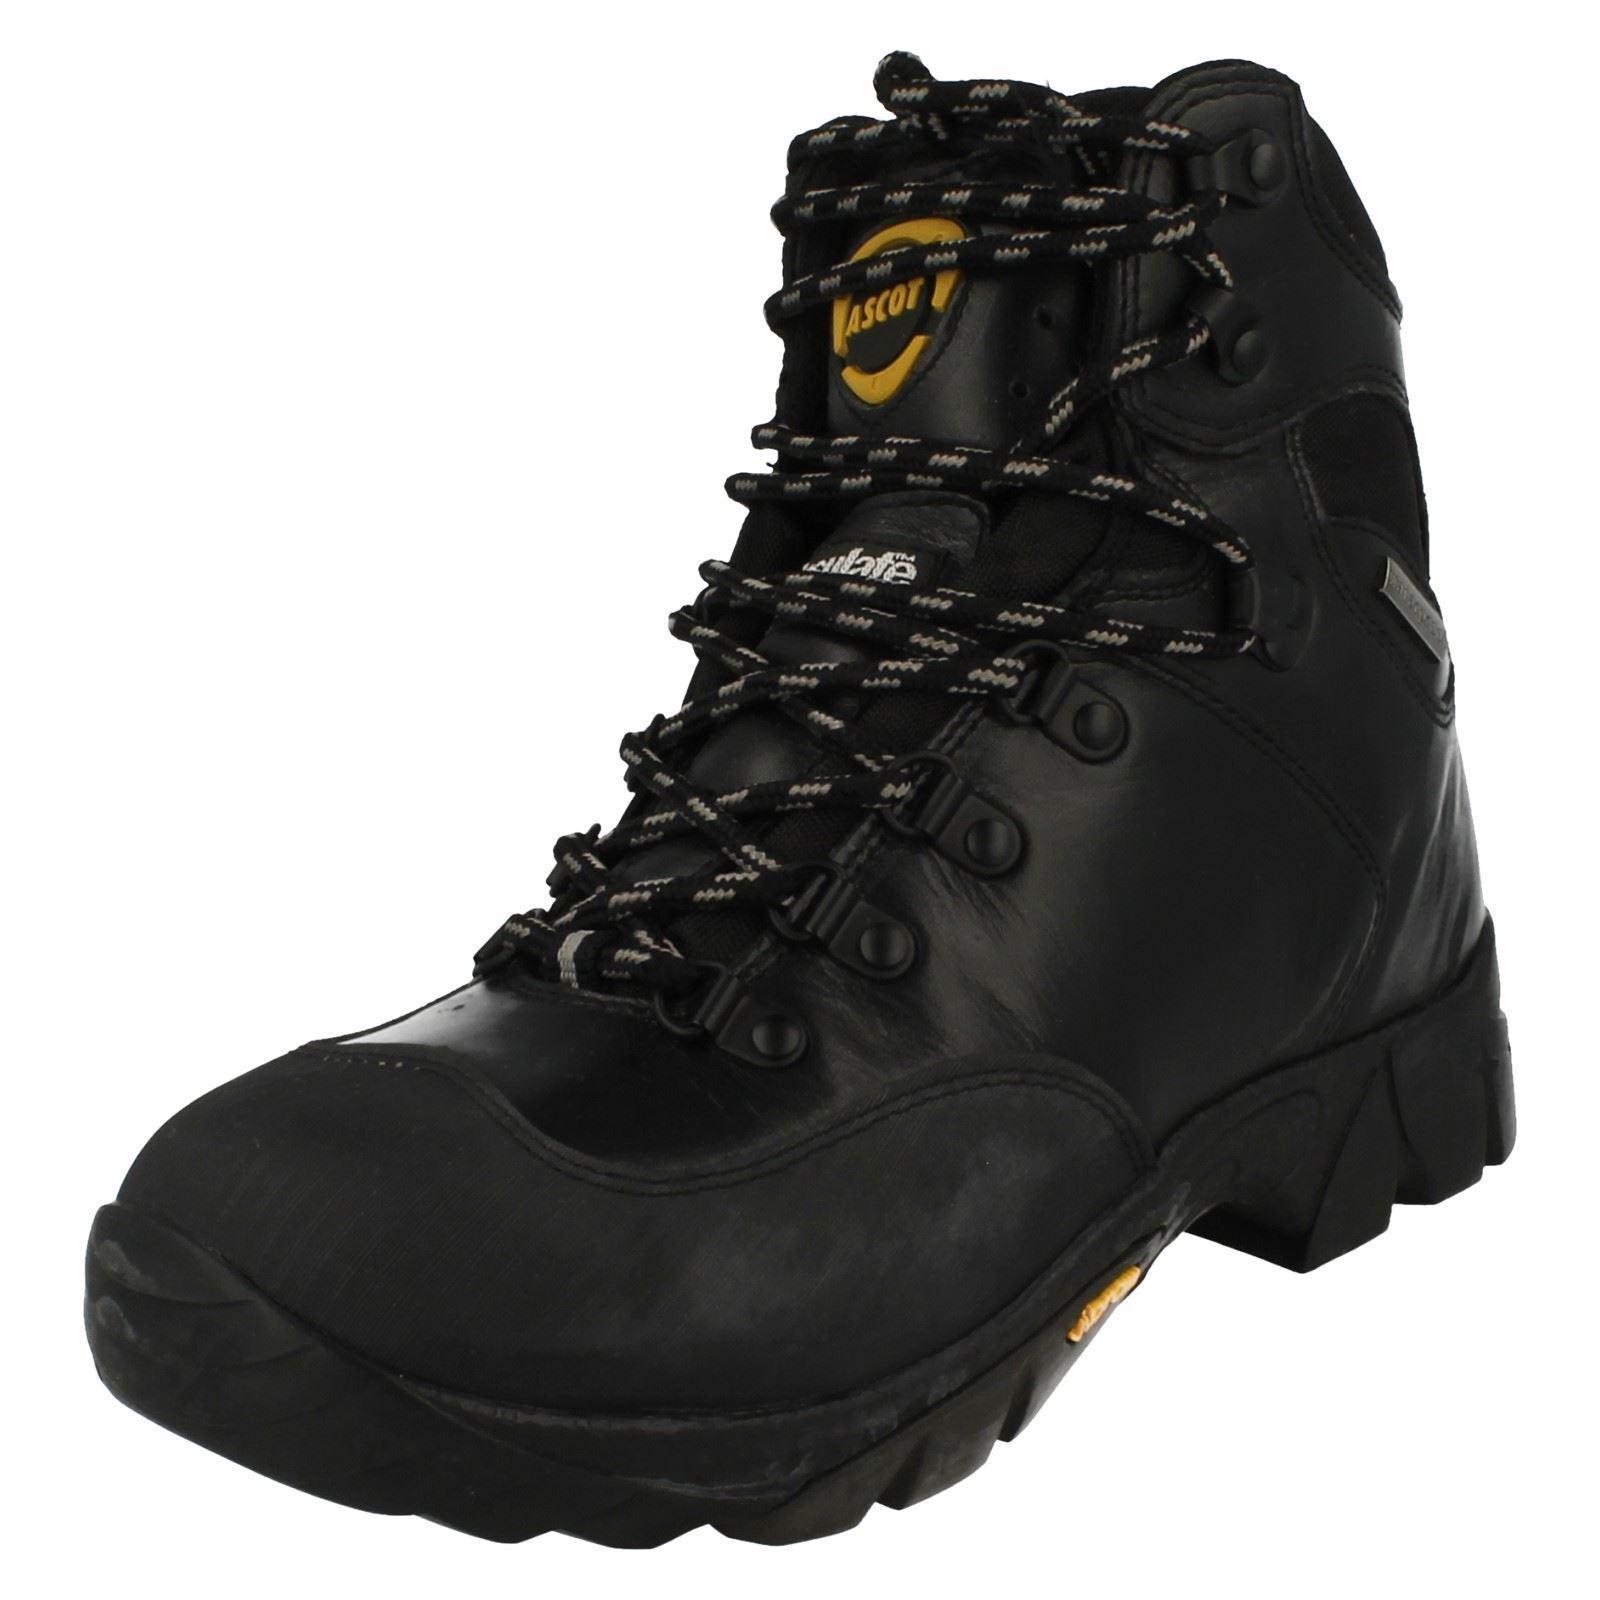 Herren Ascot Ascot Herren Ankle Stiefel 'Ridge' 812180